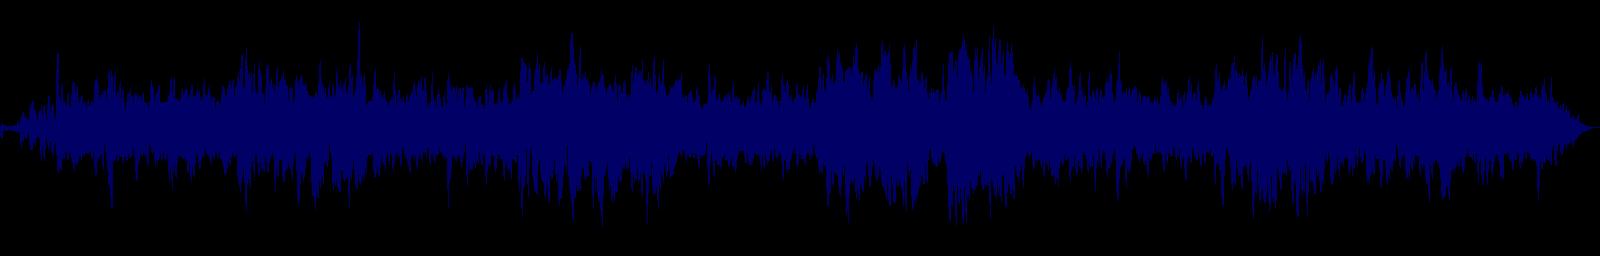 waveform of track #100519